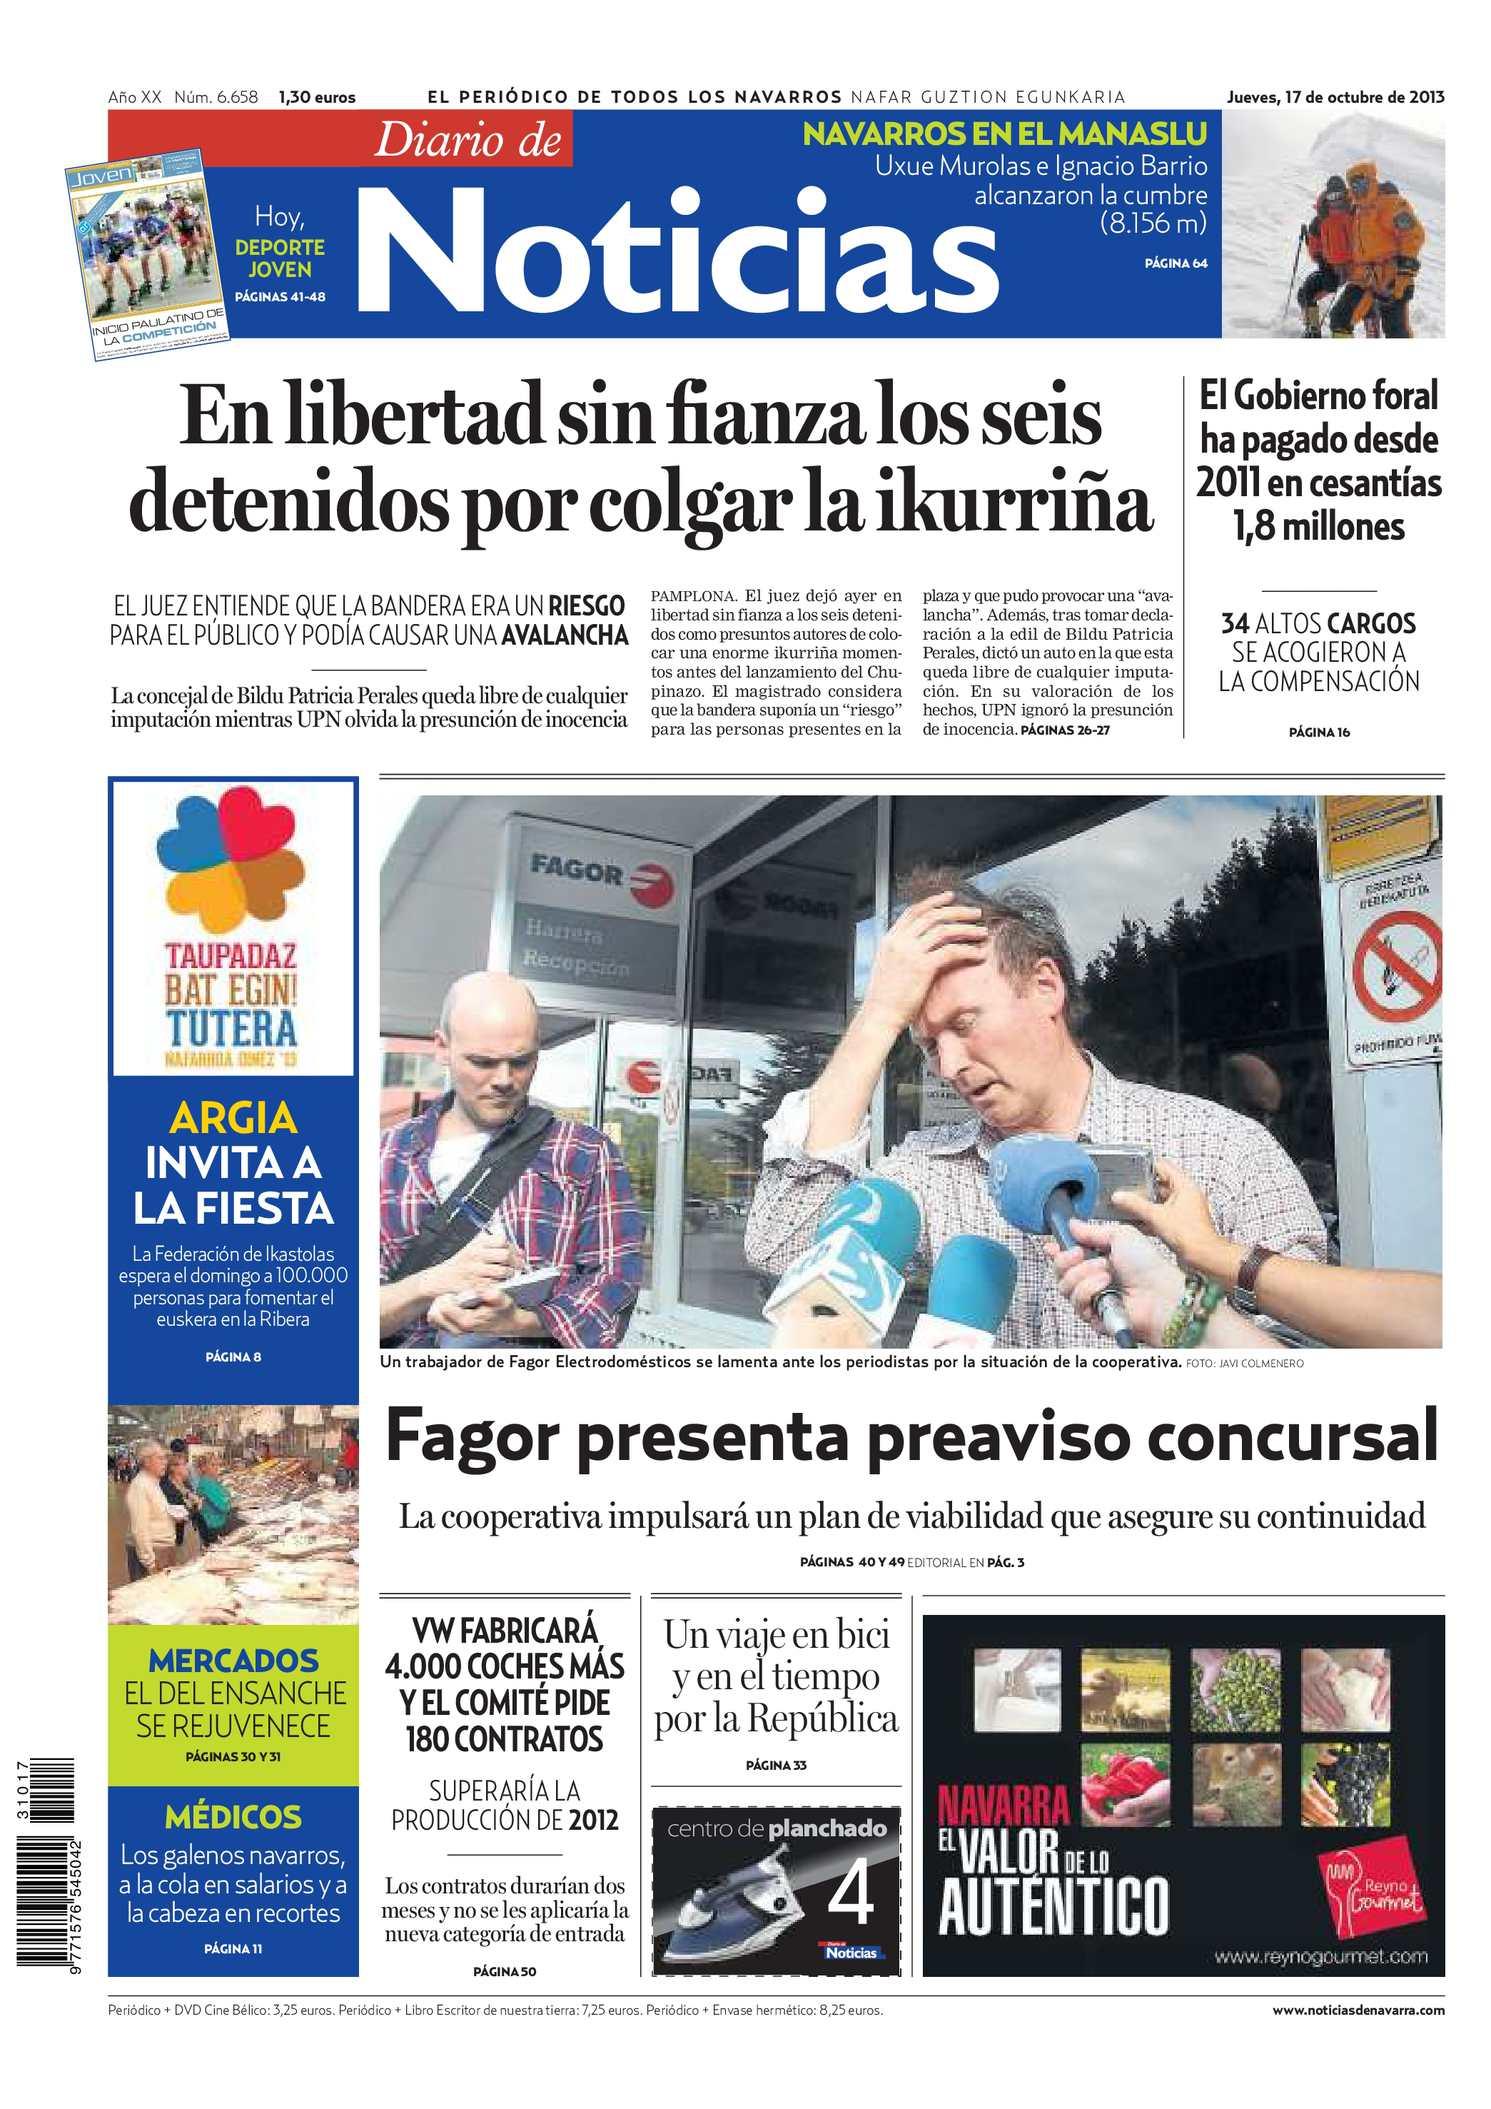 Calaméo - Diario de Noticias 20131017